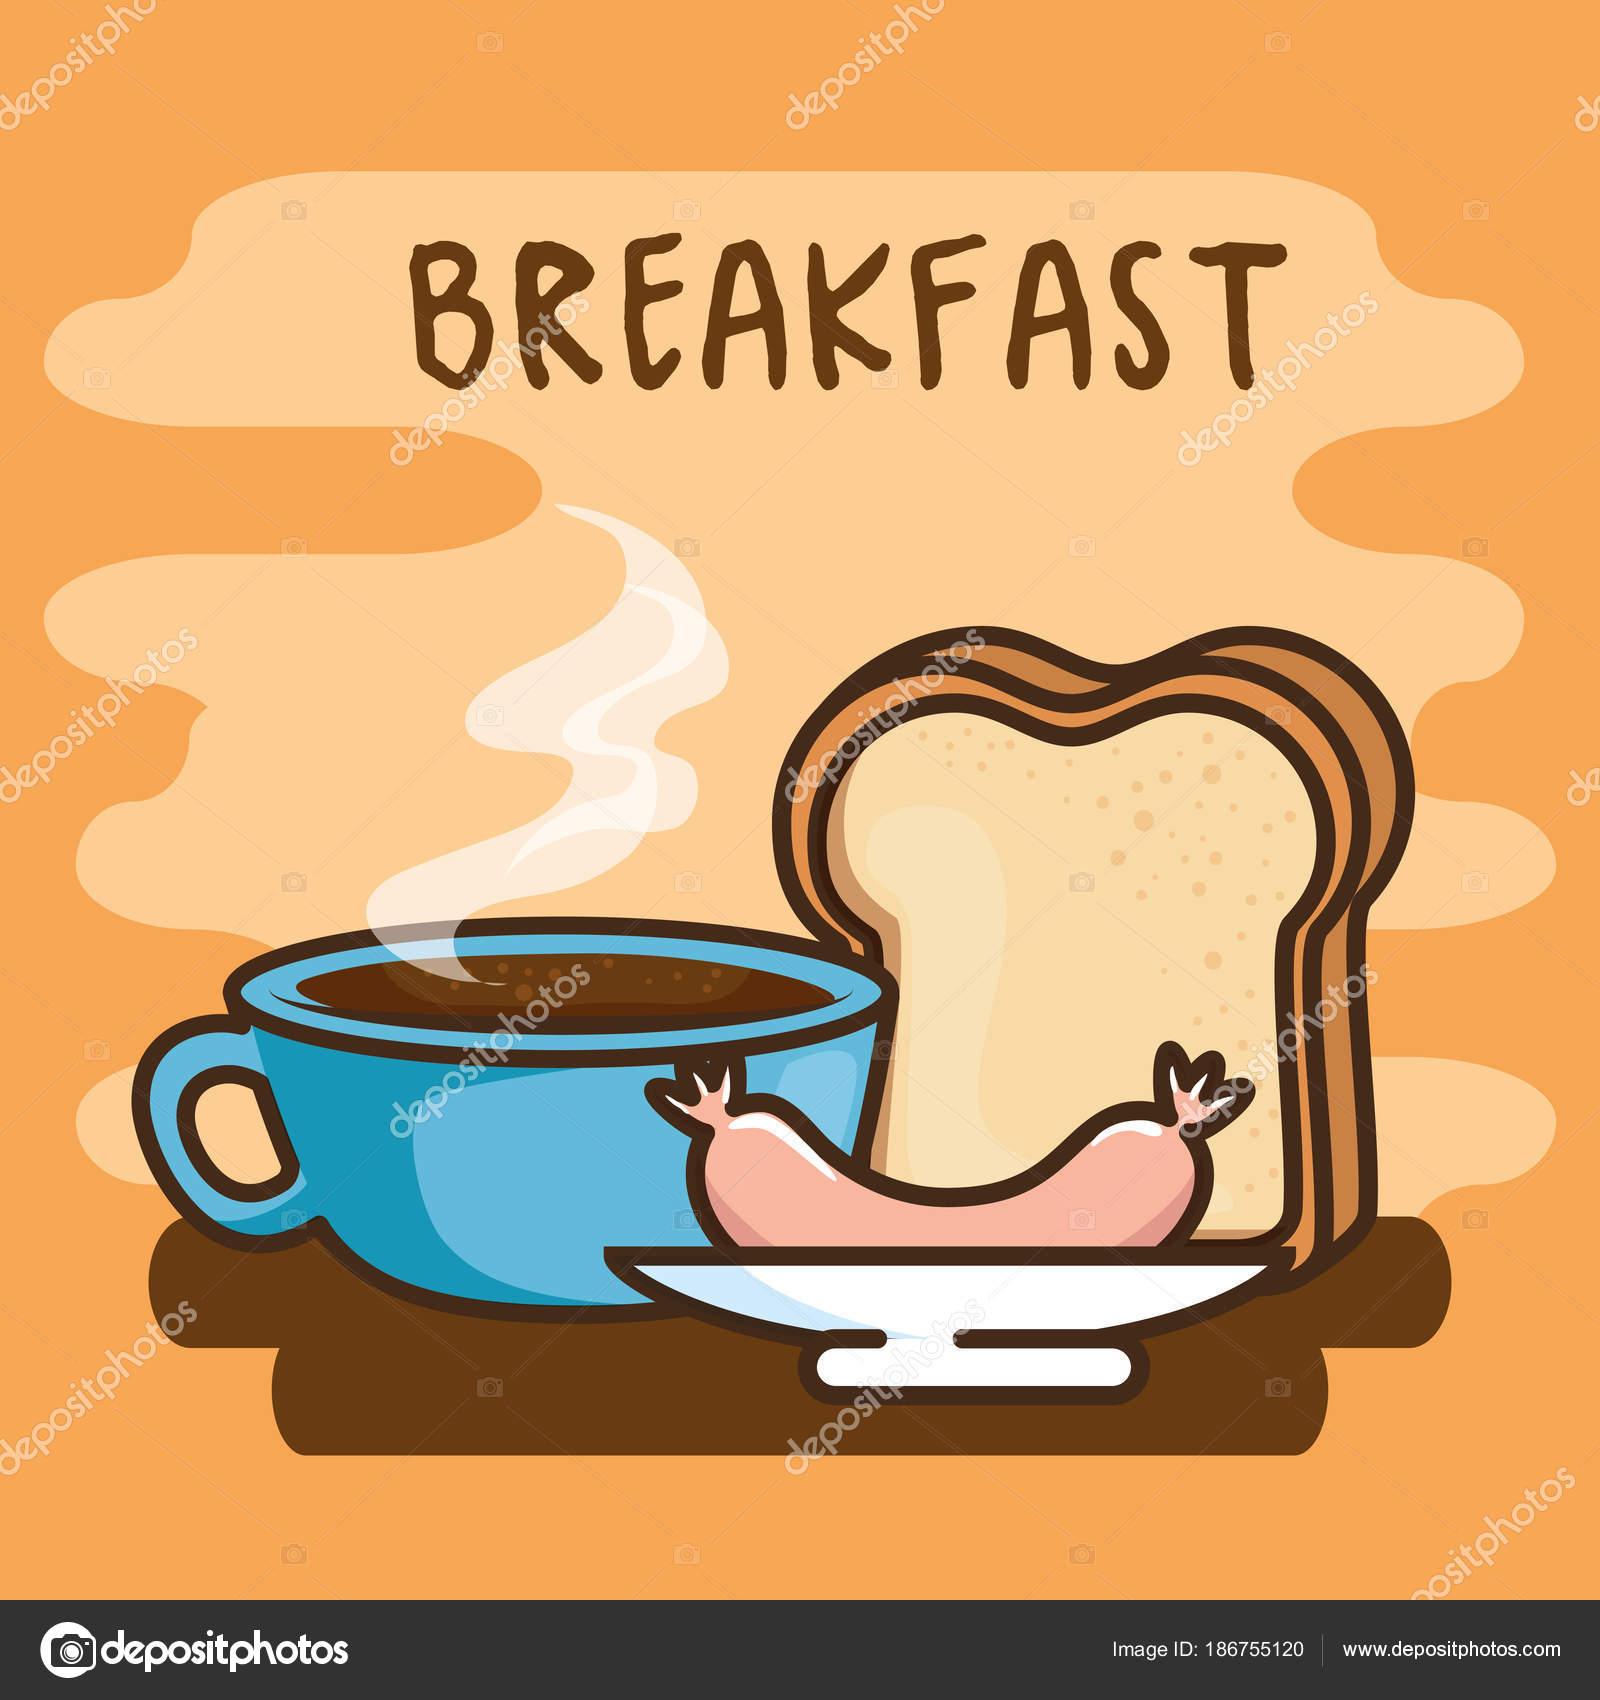 Kawaii Bonito Pequeno Almoço Comida Dos Desenhos Animados Vetor Ilustração  Design Gráfico U2014 Vetor De Yupiramos